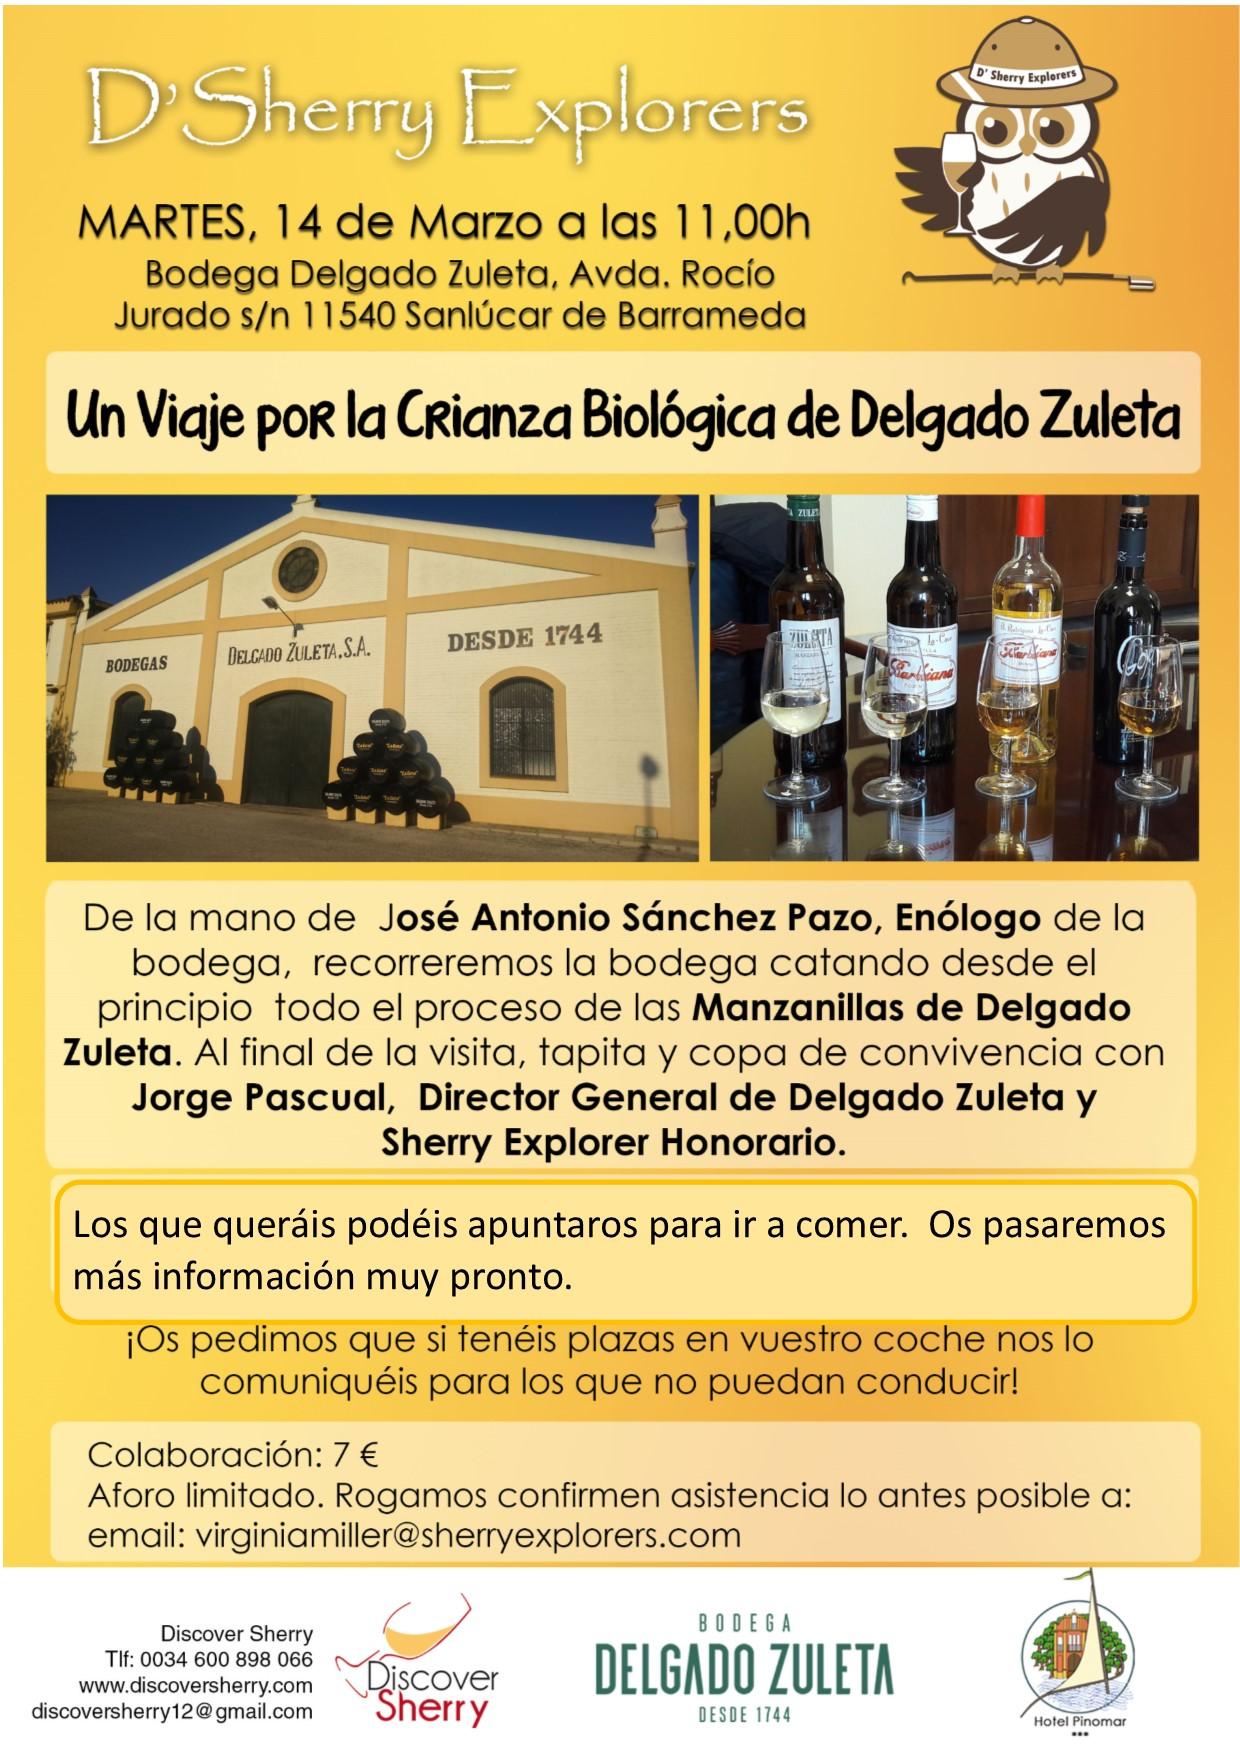 Apúntate al Viaje por la Crianza Biológica de Delgado Zuleta(Spanish)